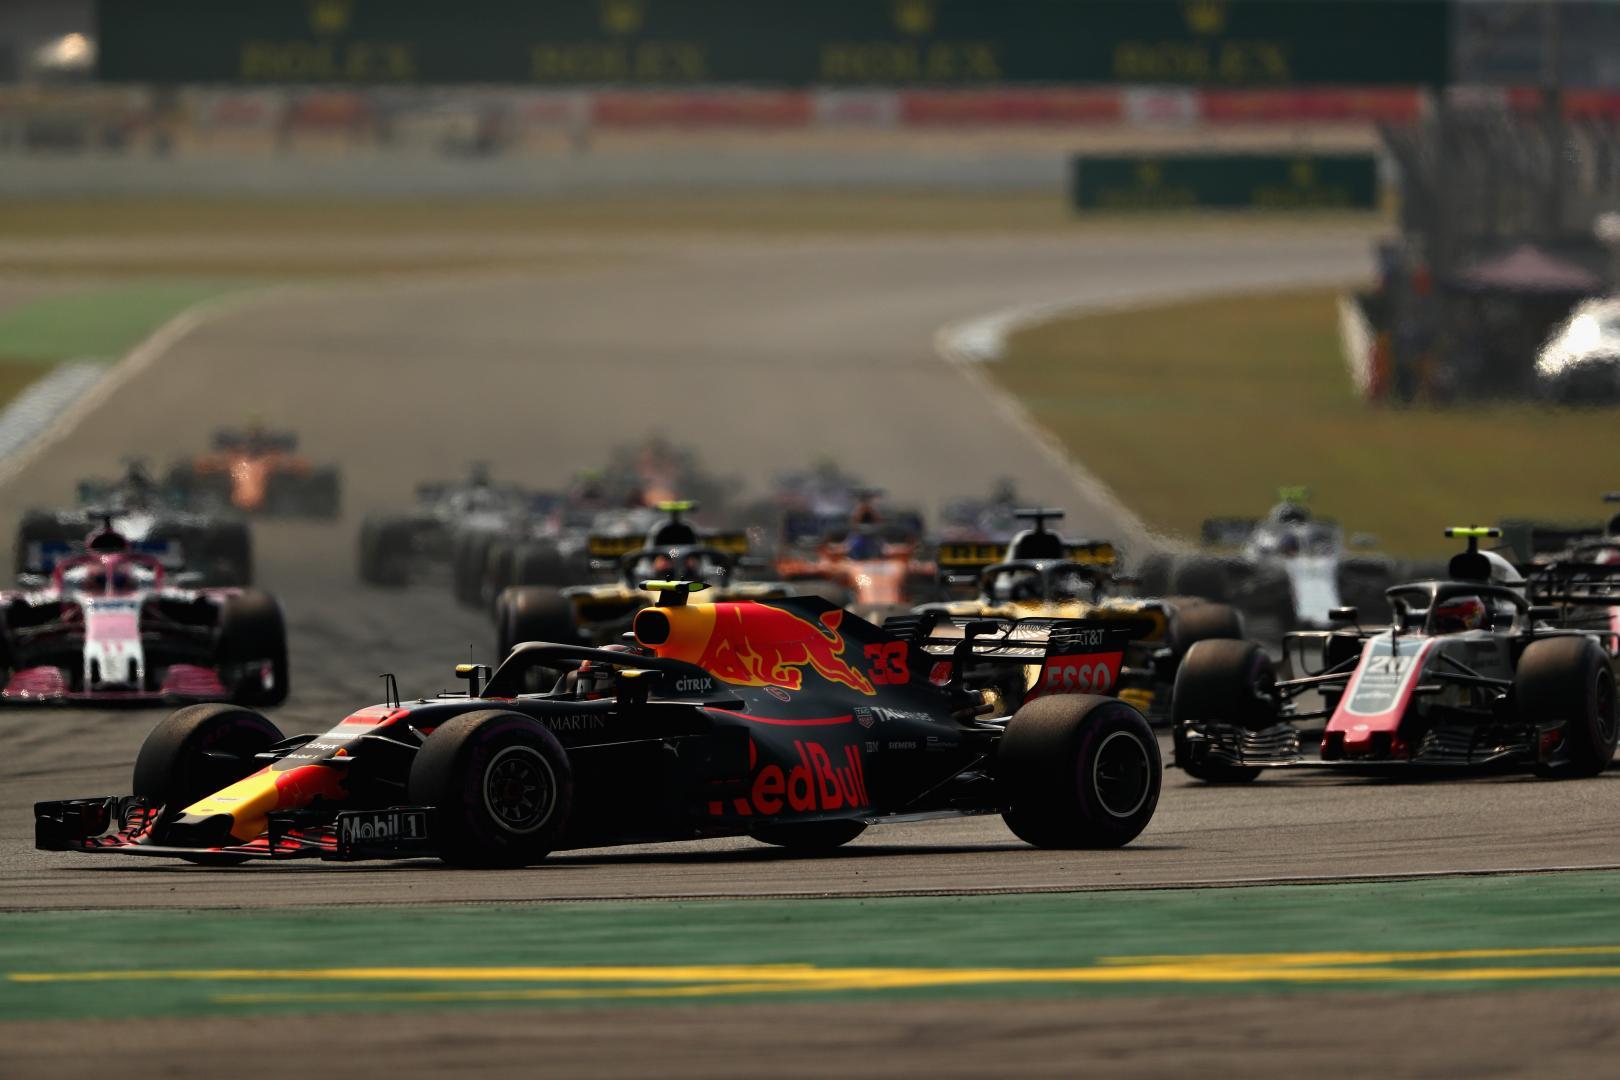 Uitslag van de GP van Duitsland 2018